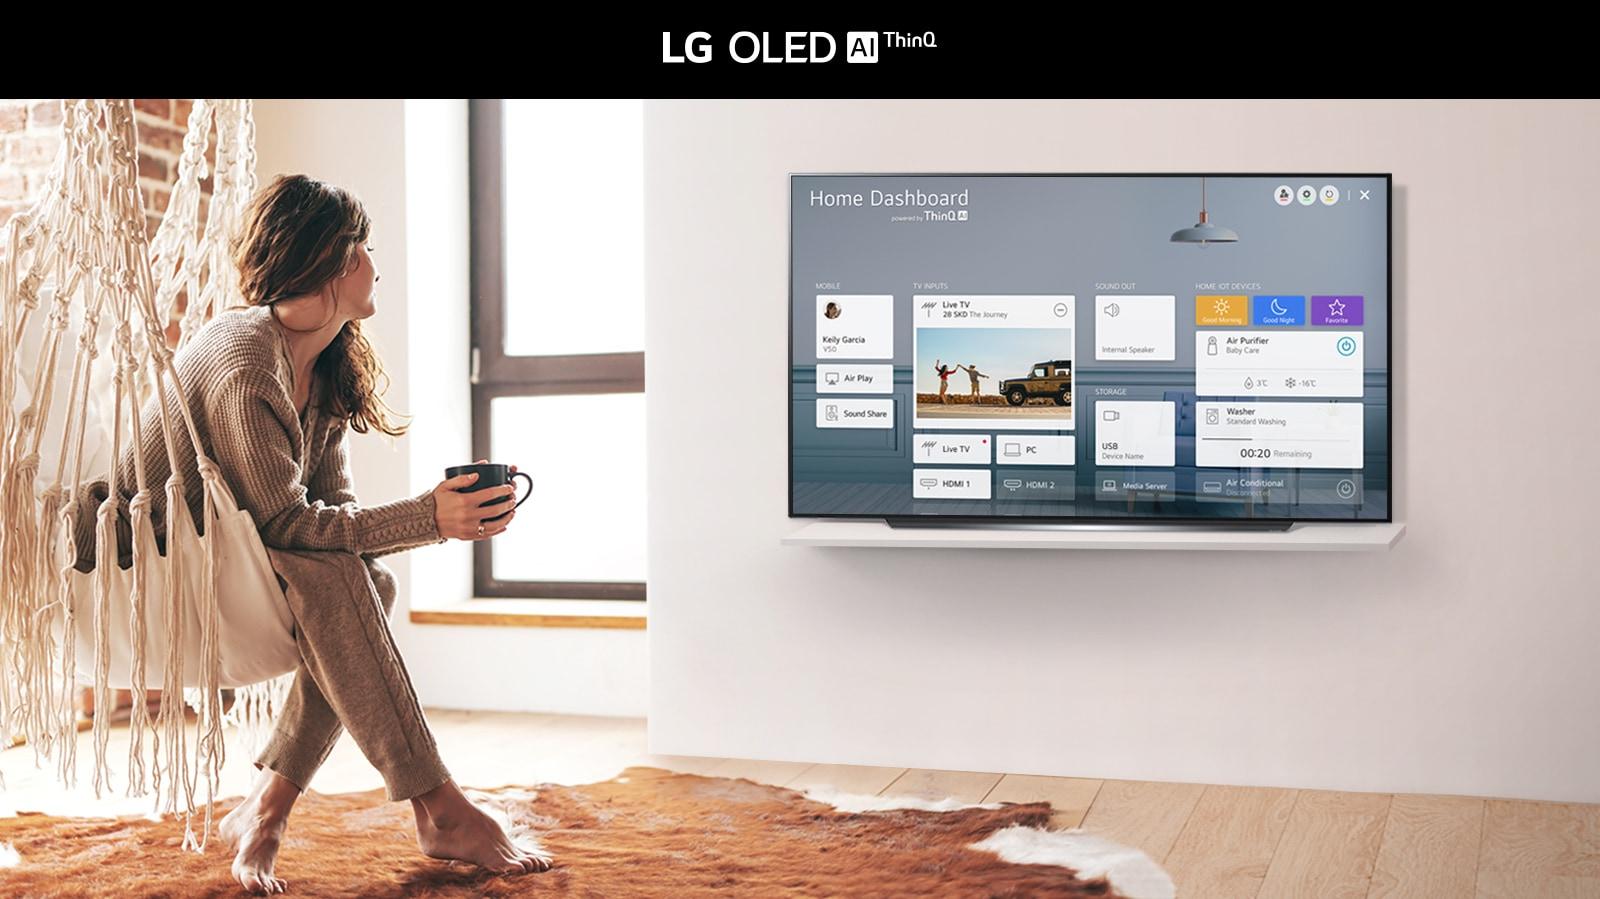 Mujer sentada en una silla en la sala  con Home Dashboard en la pantalla del televisor